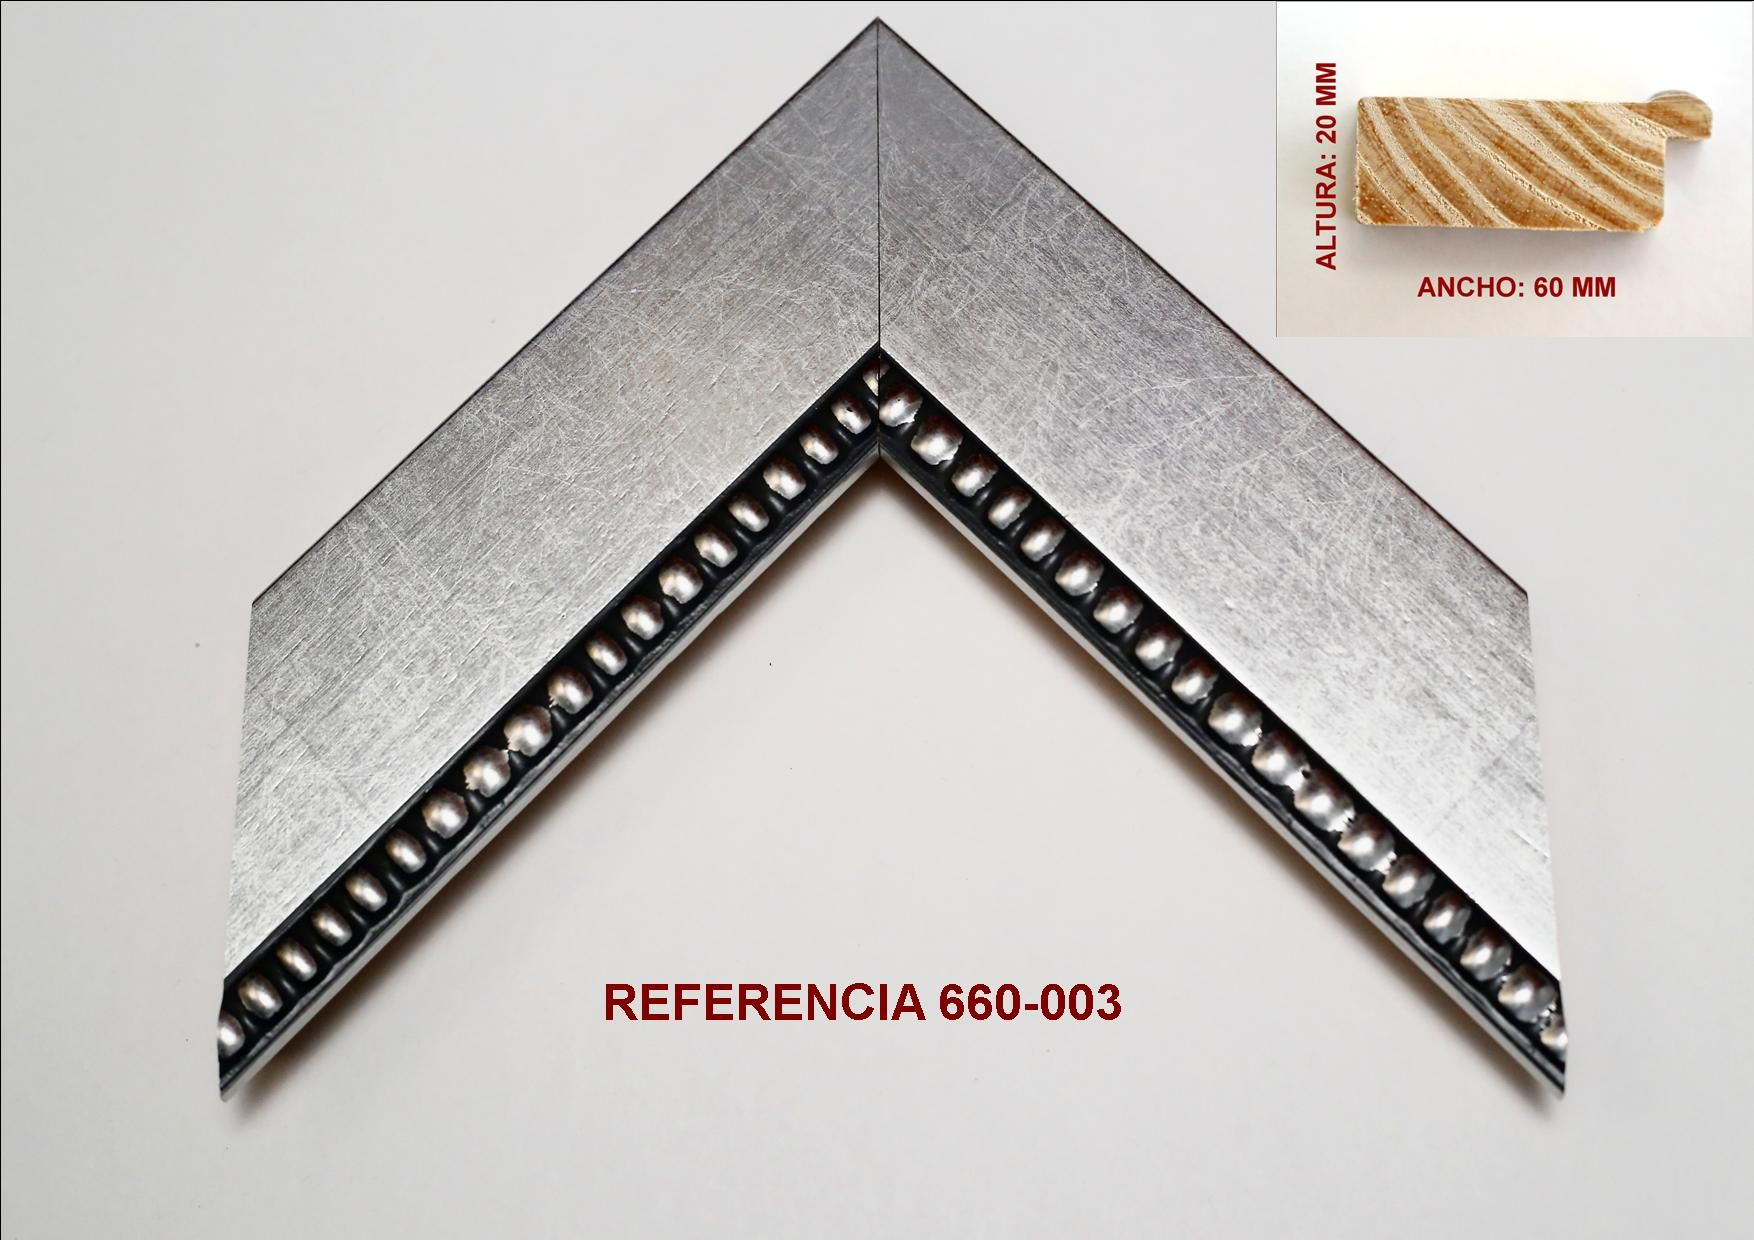 Referencia 660-003: Muestrario de Moldusevilla